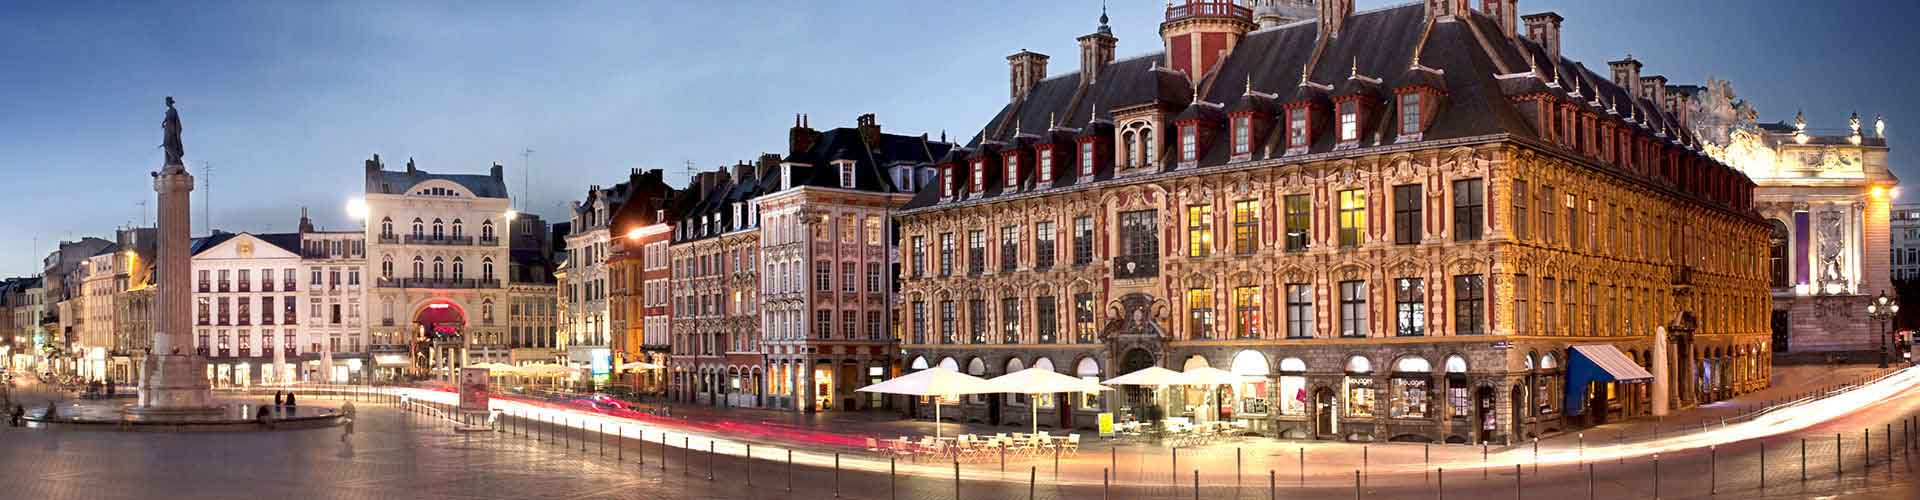 Lille - Habitaciones cerca a Estación de tren de Lille-Flandres. Mapas de Lille, Fotos y comentarios de cada Habitación en Lille.